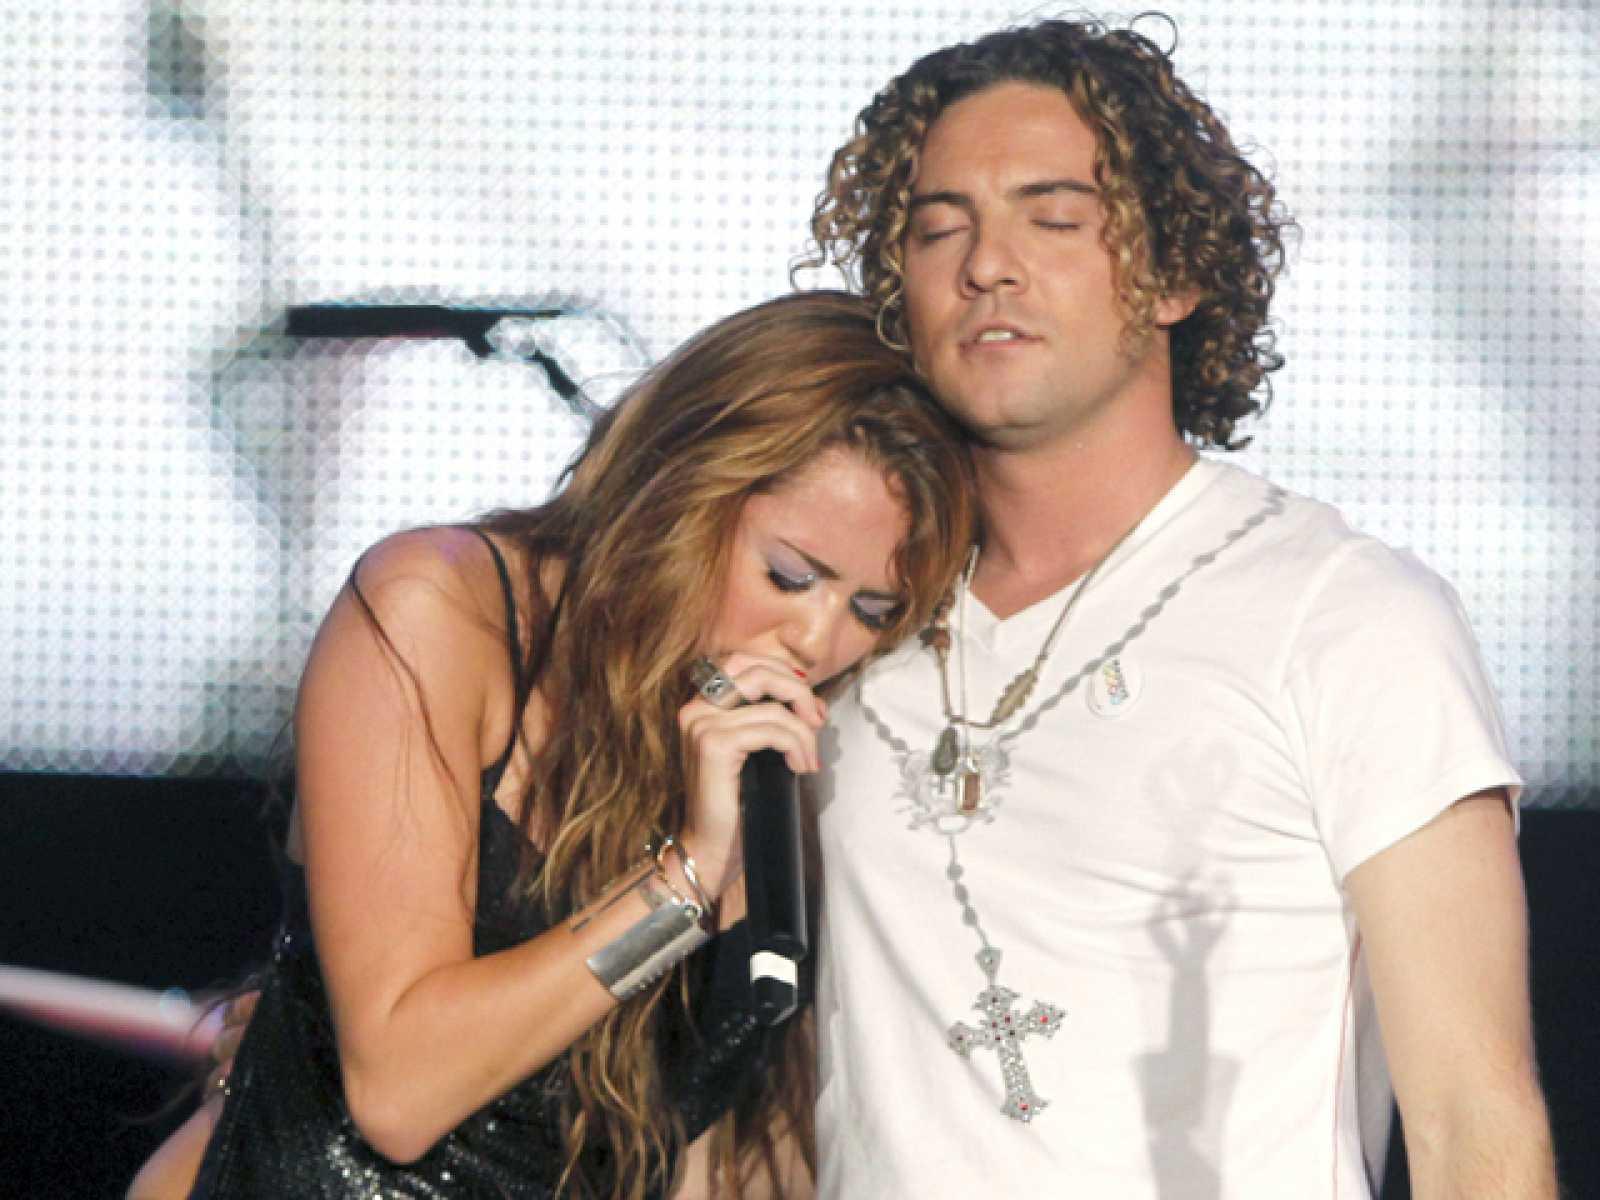 El primer fin de semana de Rock in Río Madrid 2010 cierra con Miley Cyrus